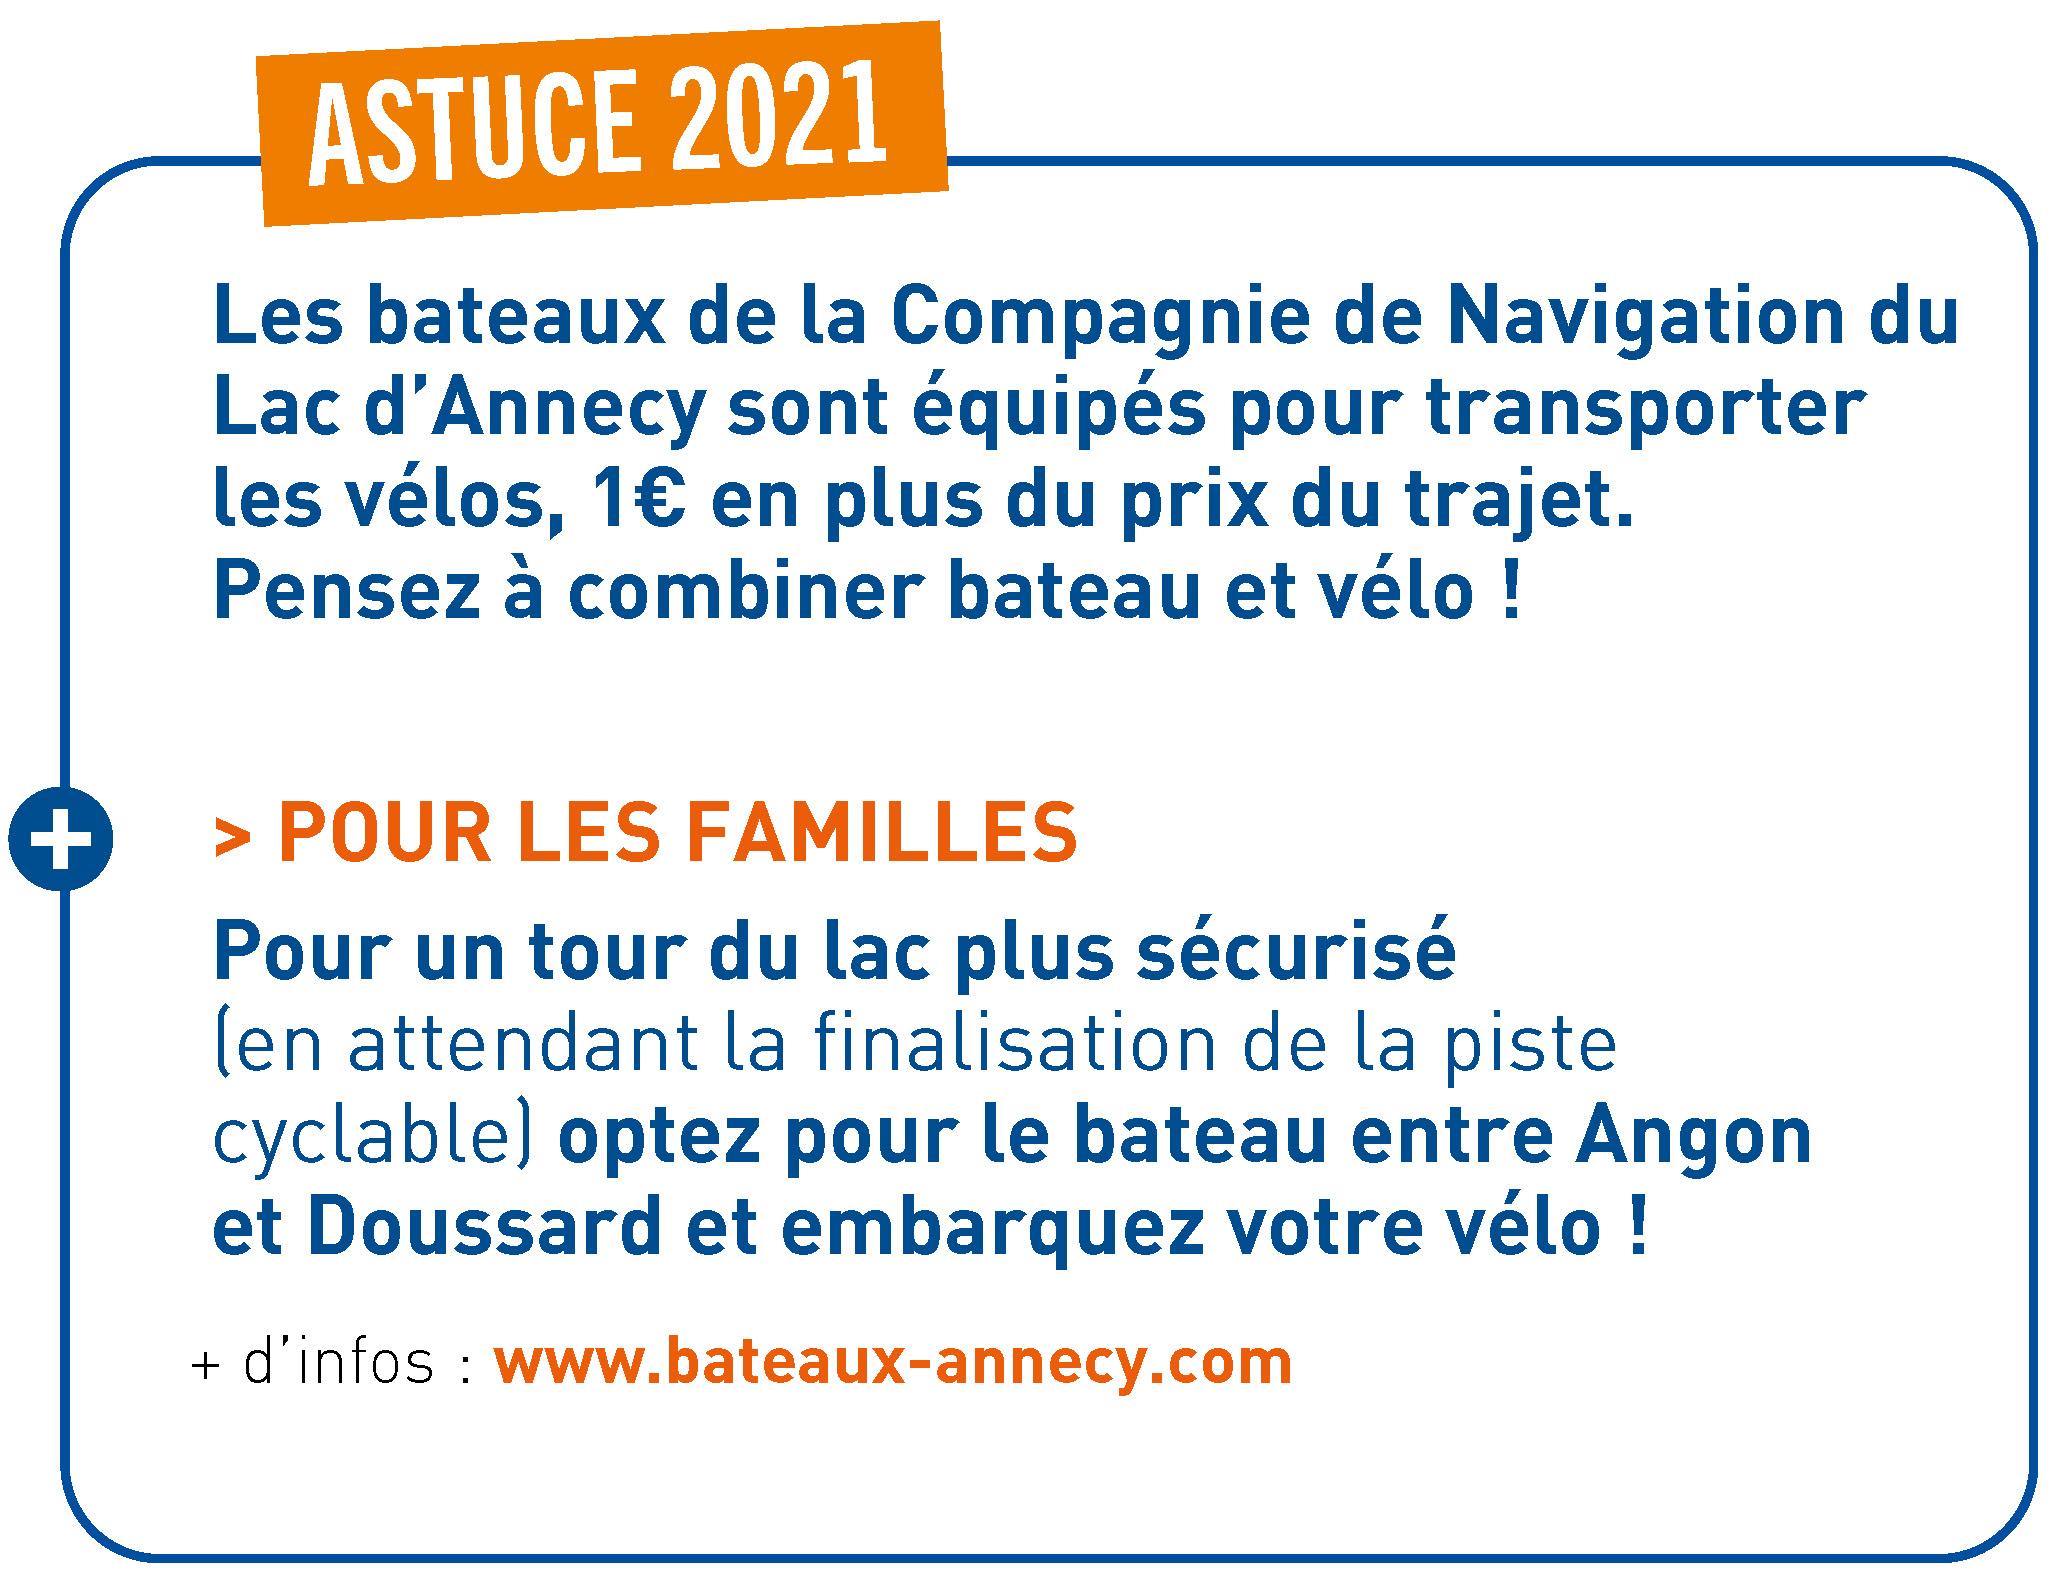 Astuce Vélo + Bateaux - 2021